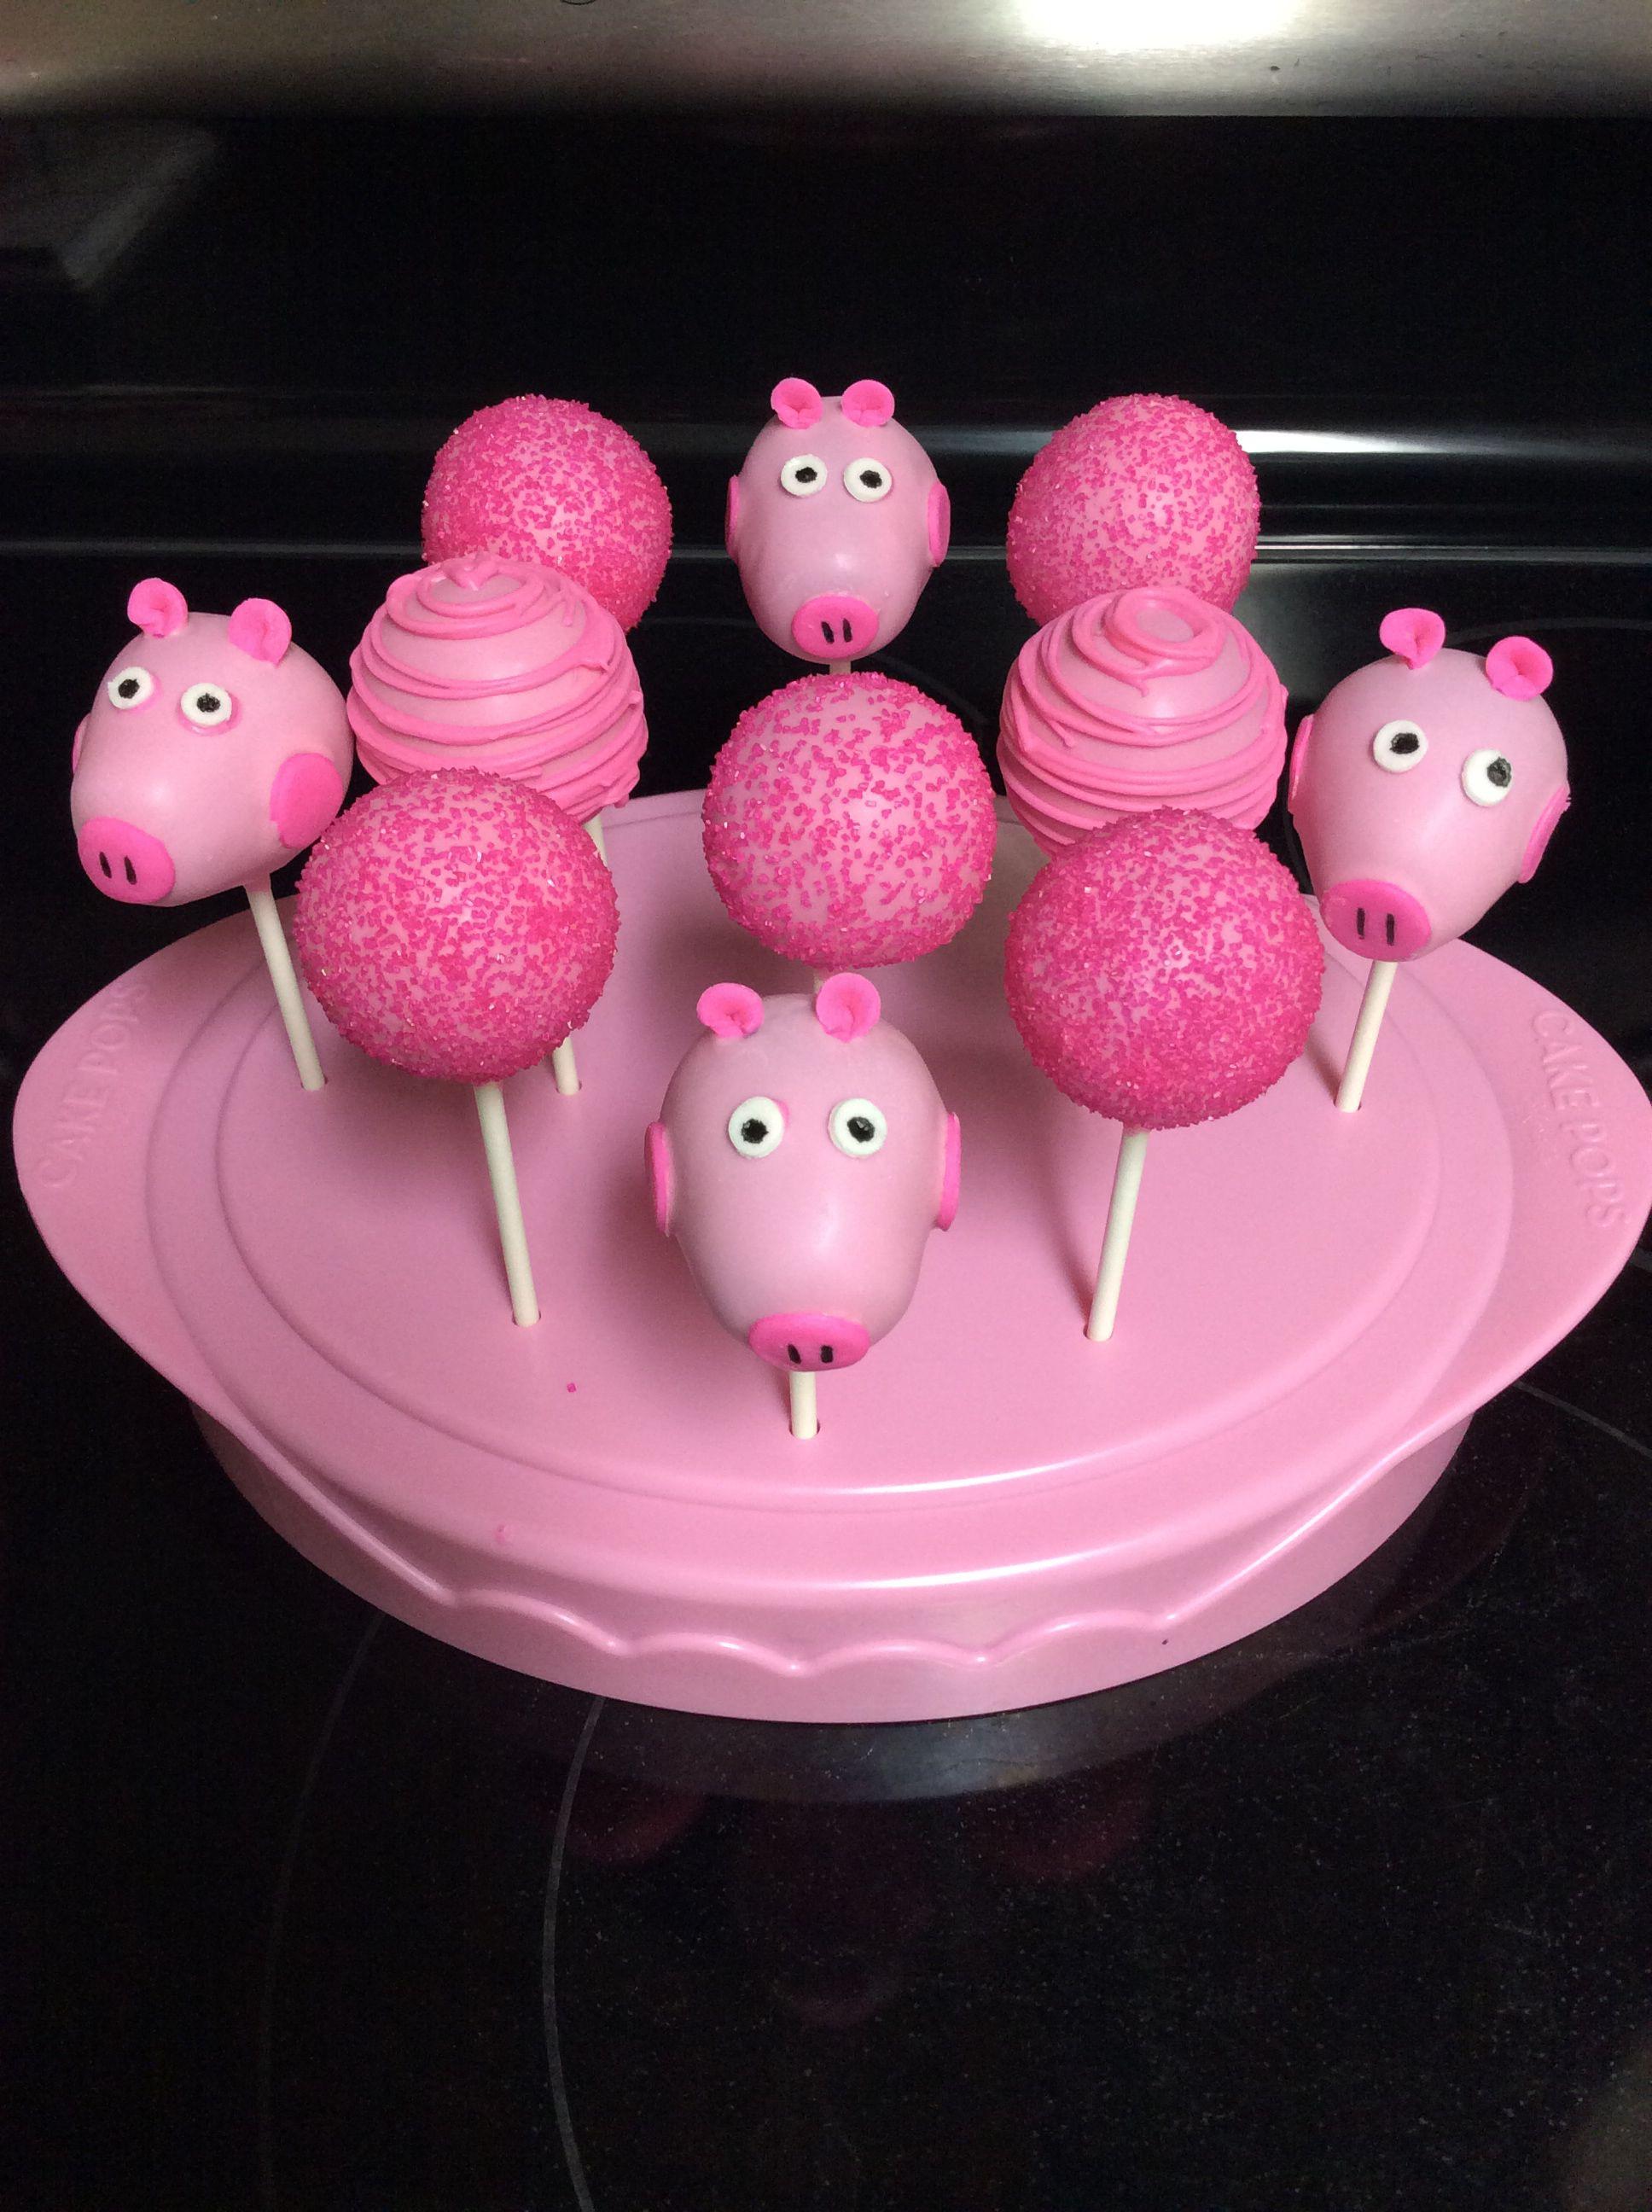 Peppa Pig Cake Pops Sallyscakepops Peppa Pinterest